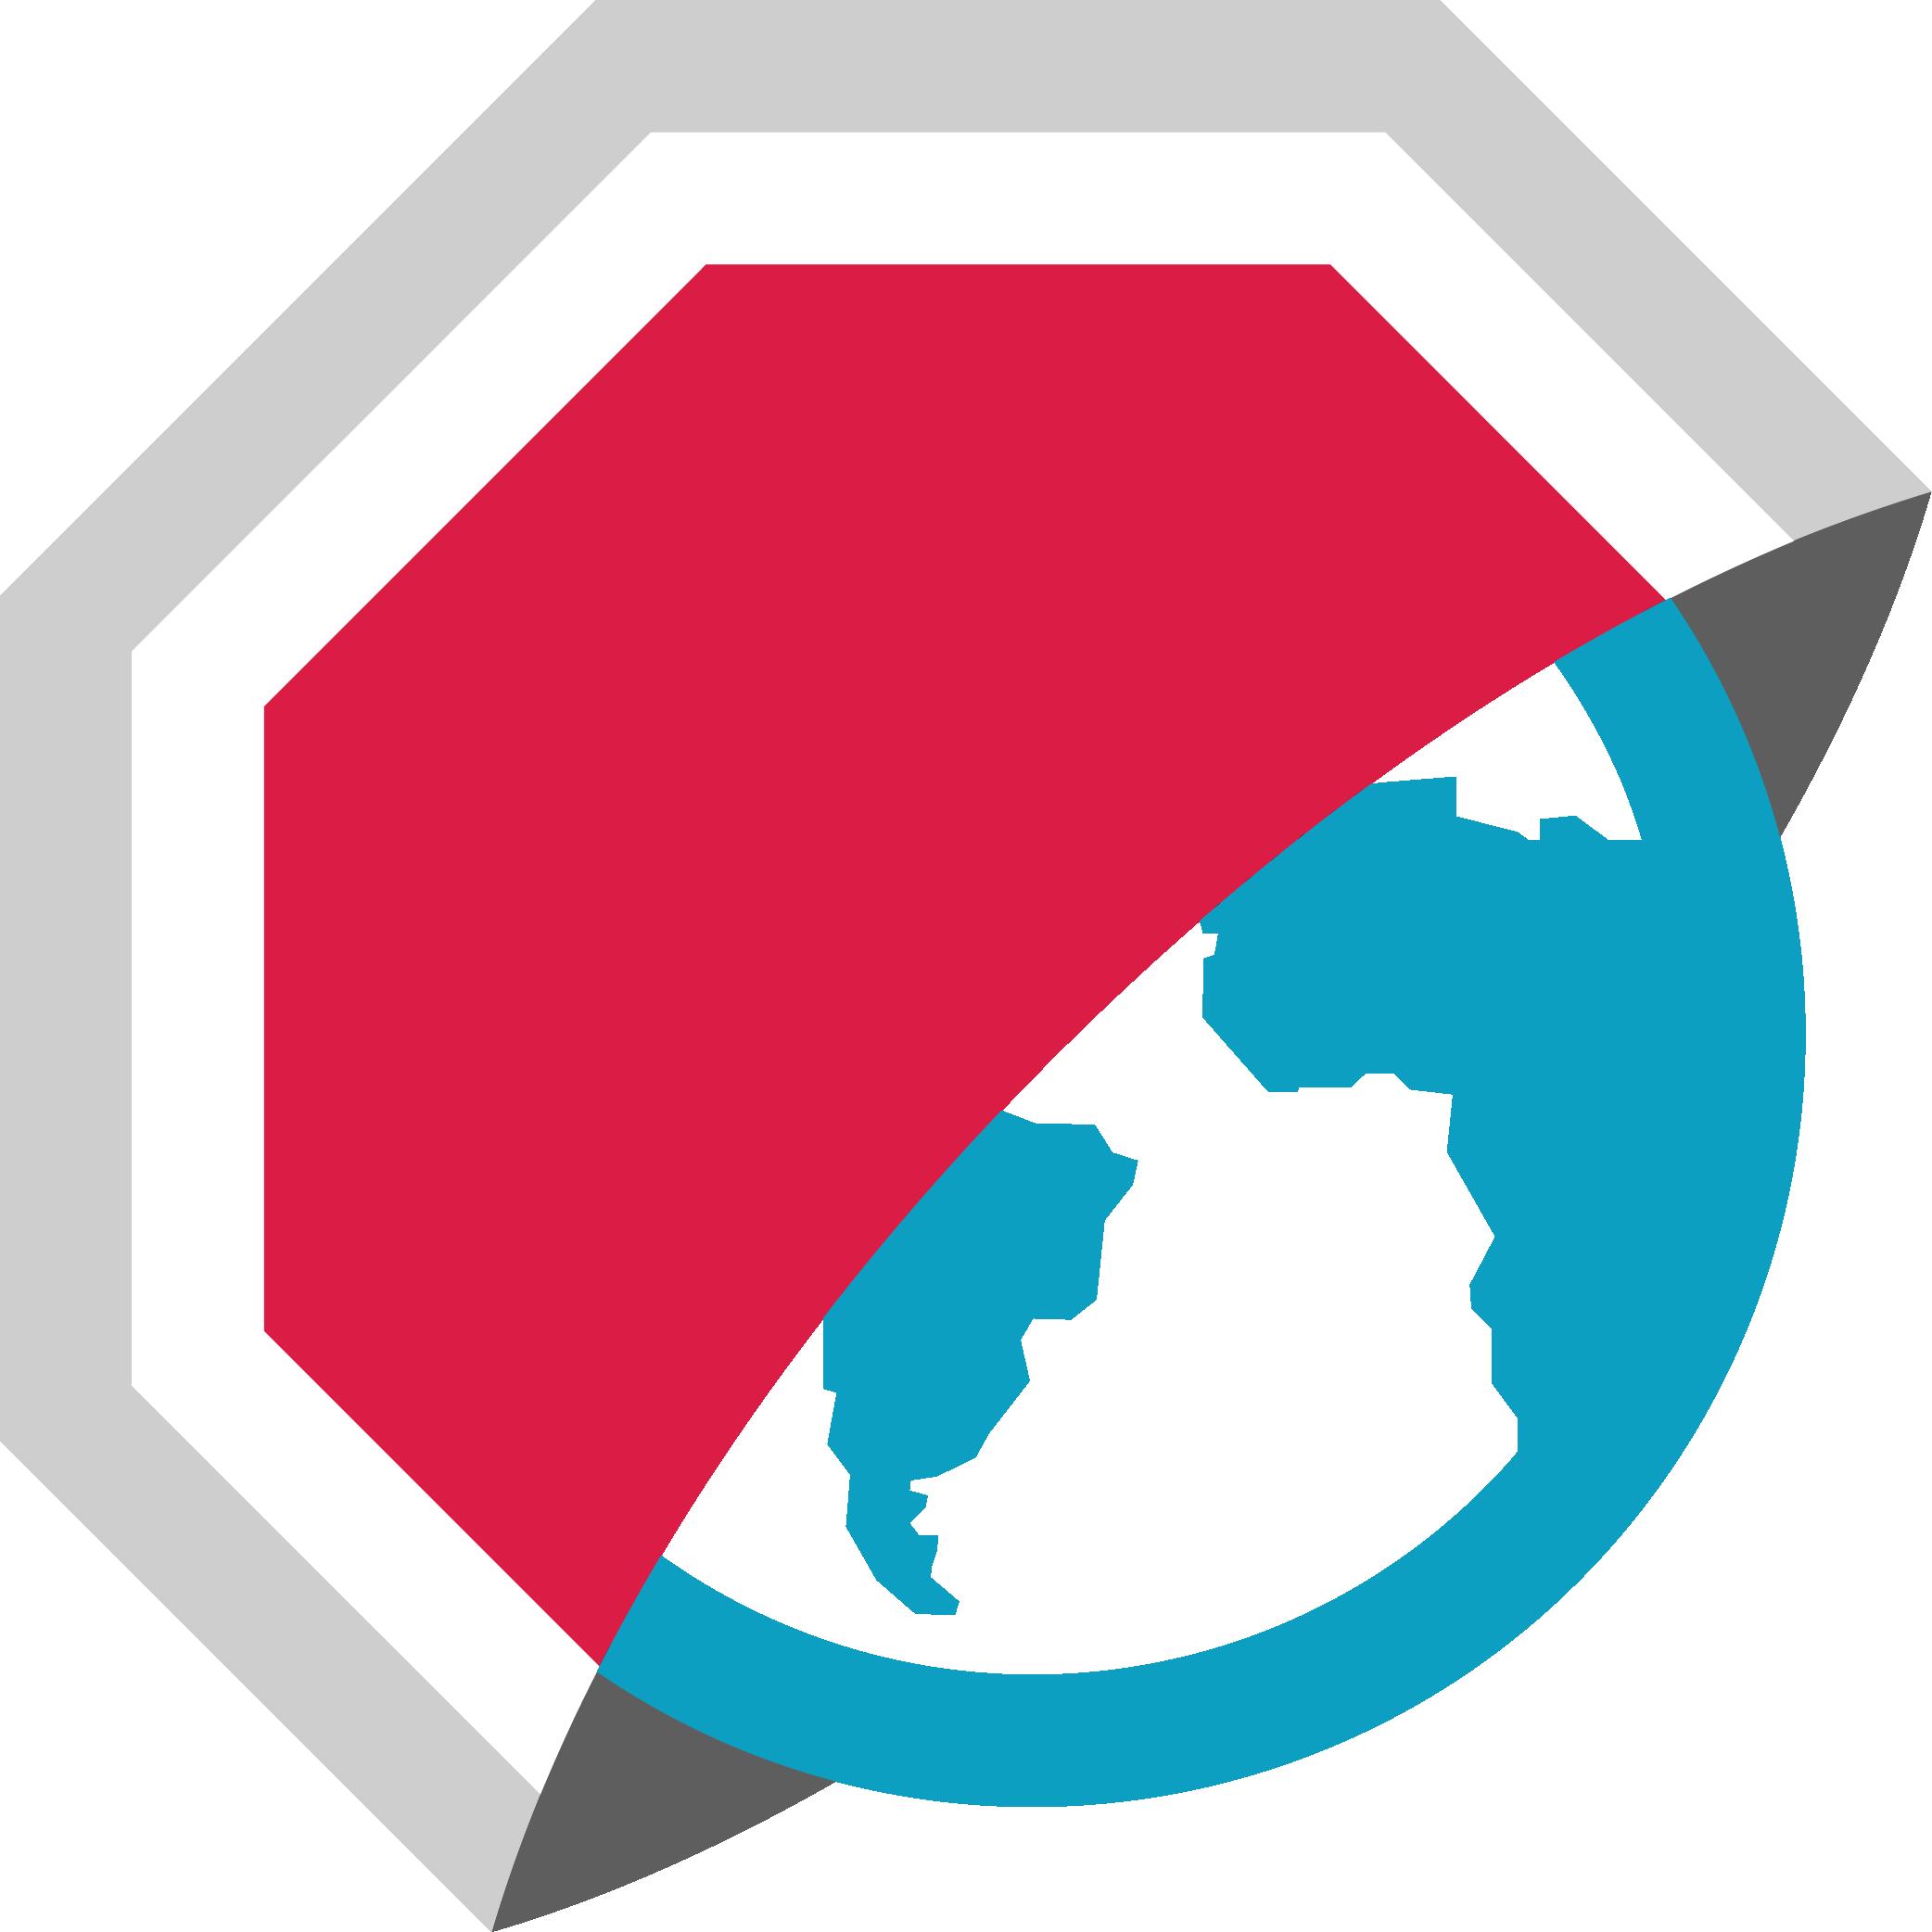 Adblock Browser für Android: Werbung blocken, schneller surfen